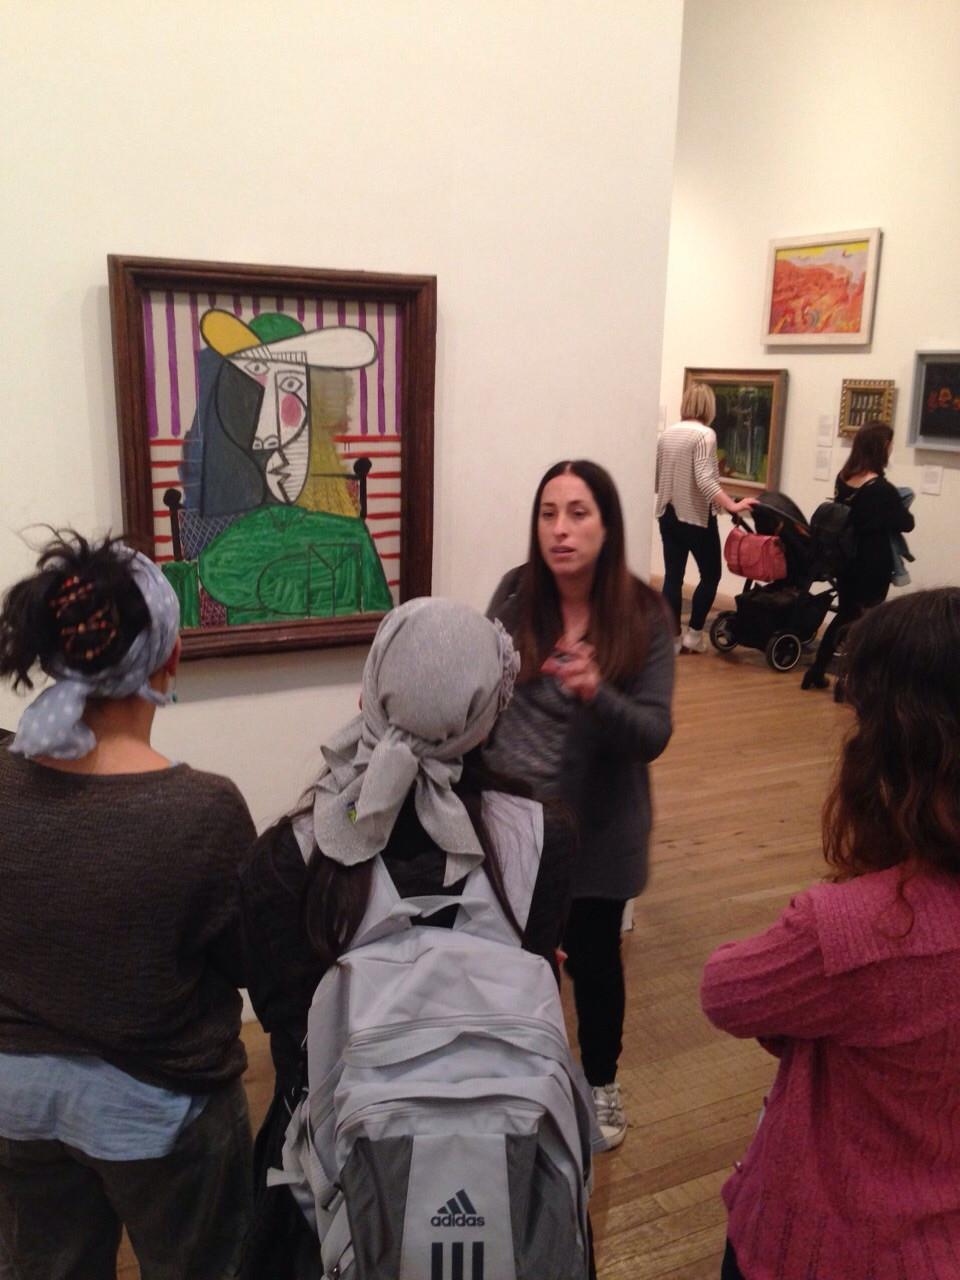 3 סיבות למה לקחת סיורי אמנות בלונדון עם כלנית